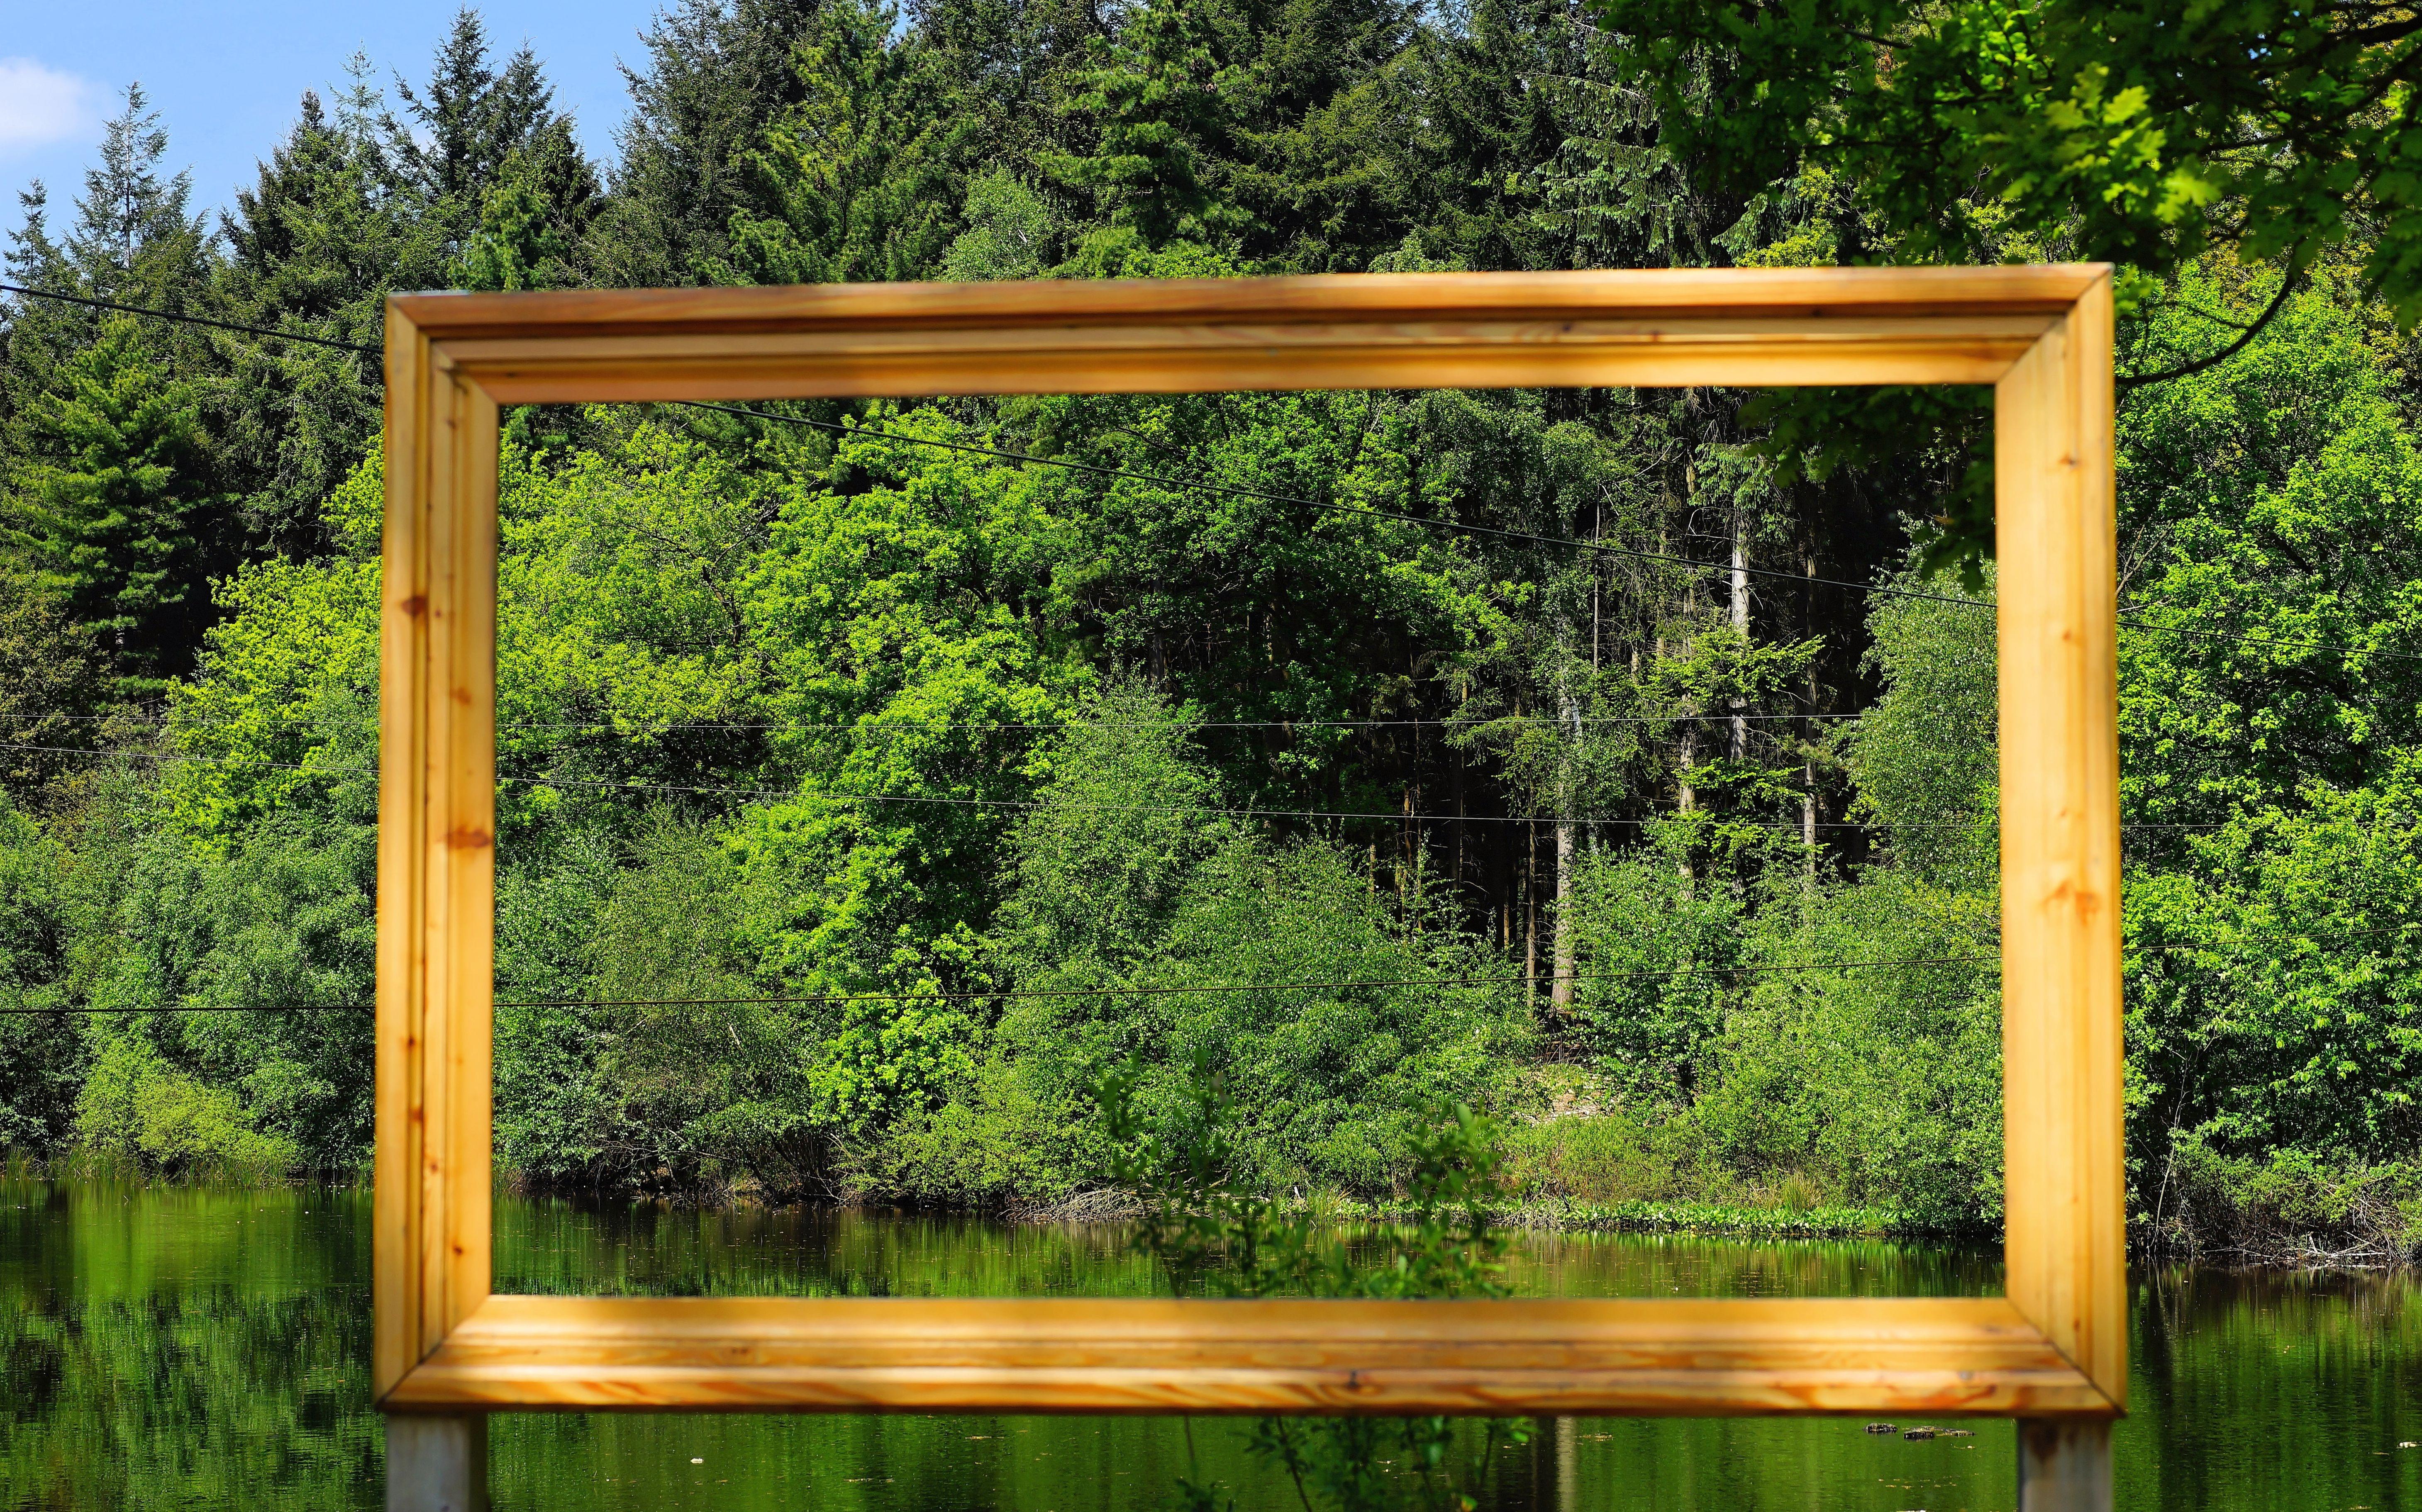 Landscape Water Nature Wood Lake